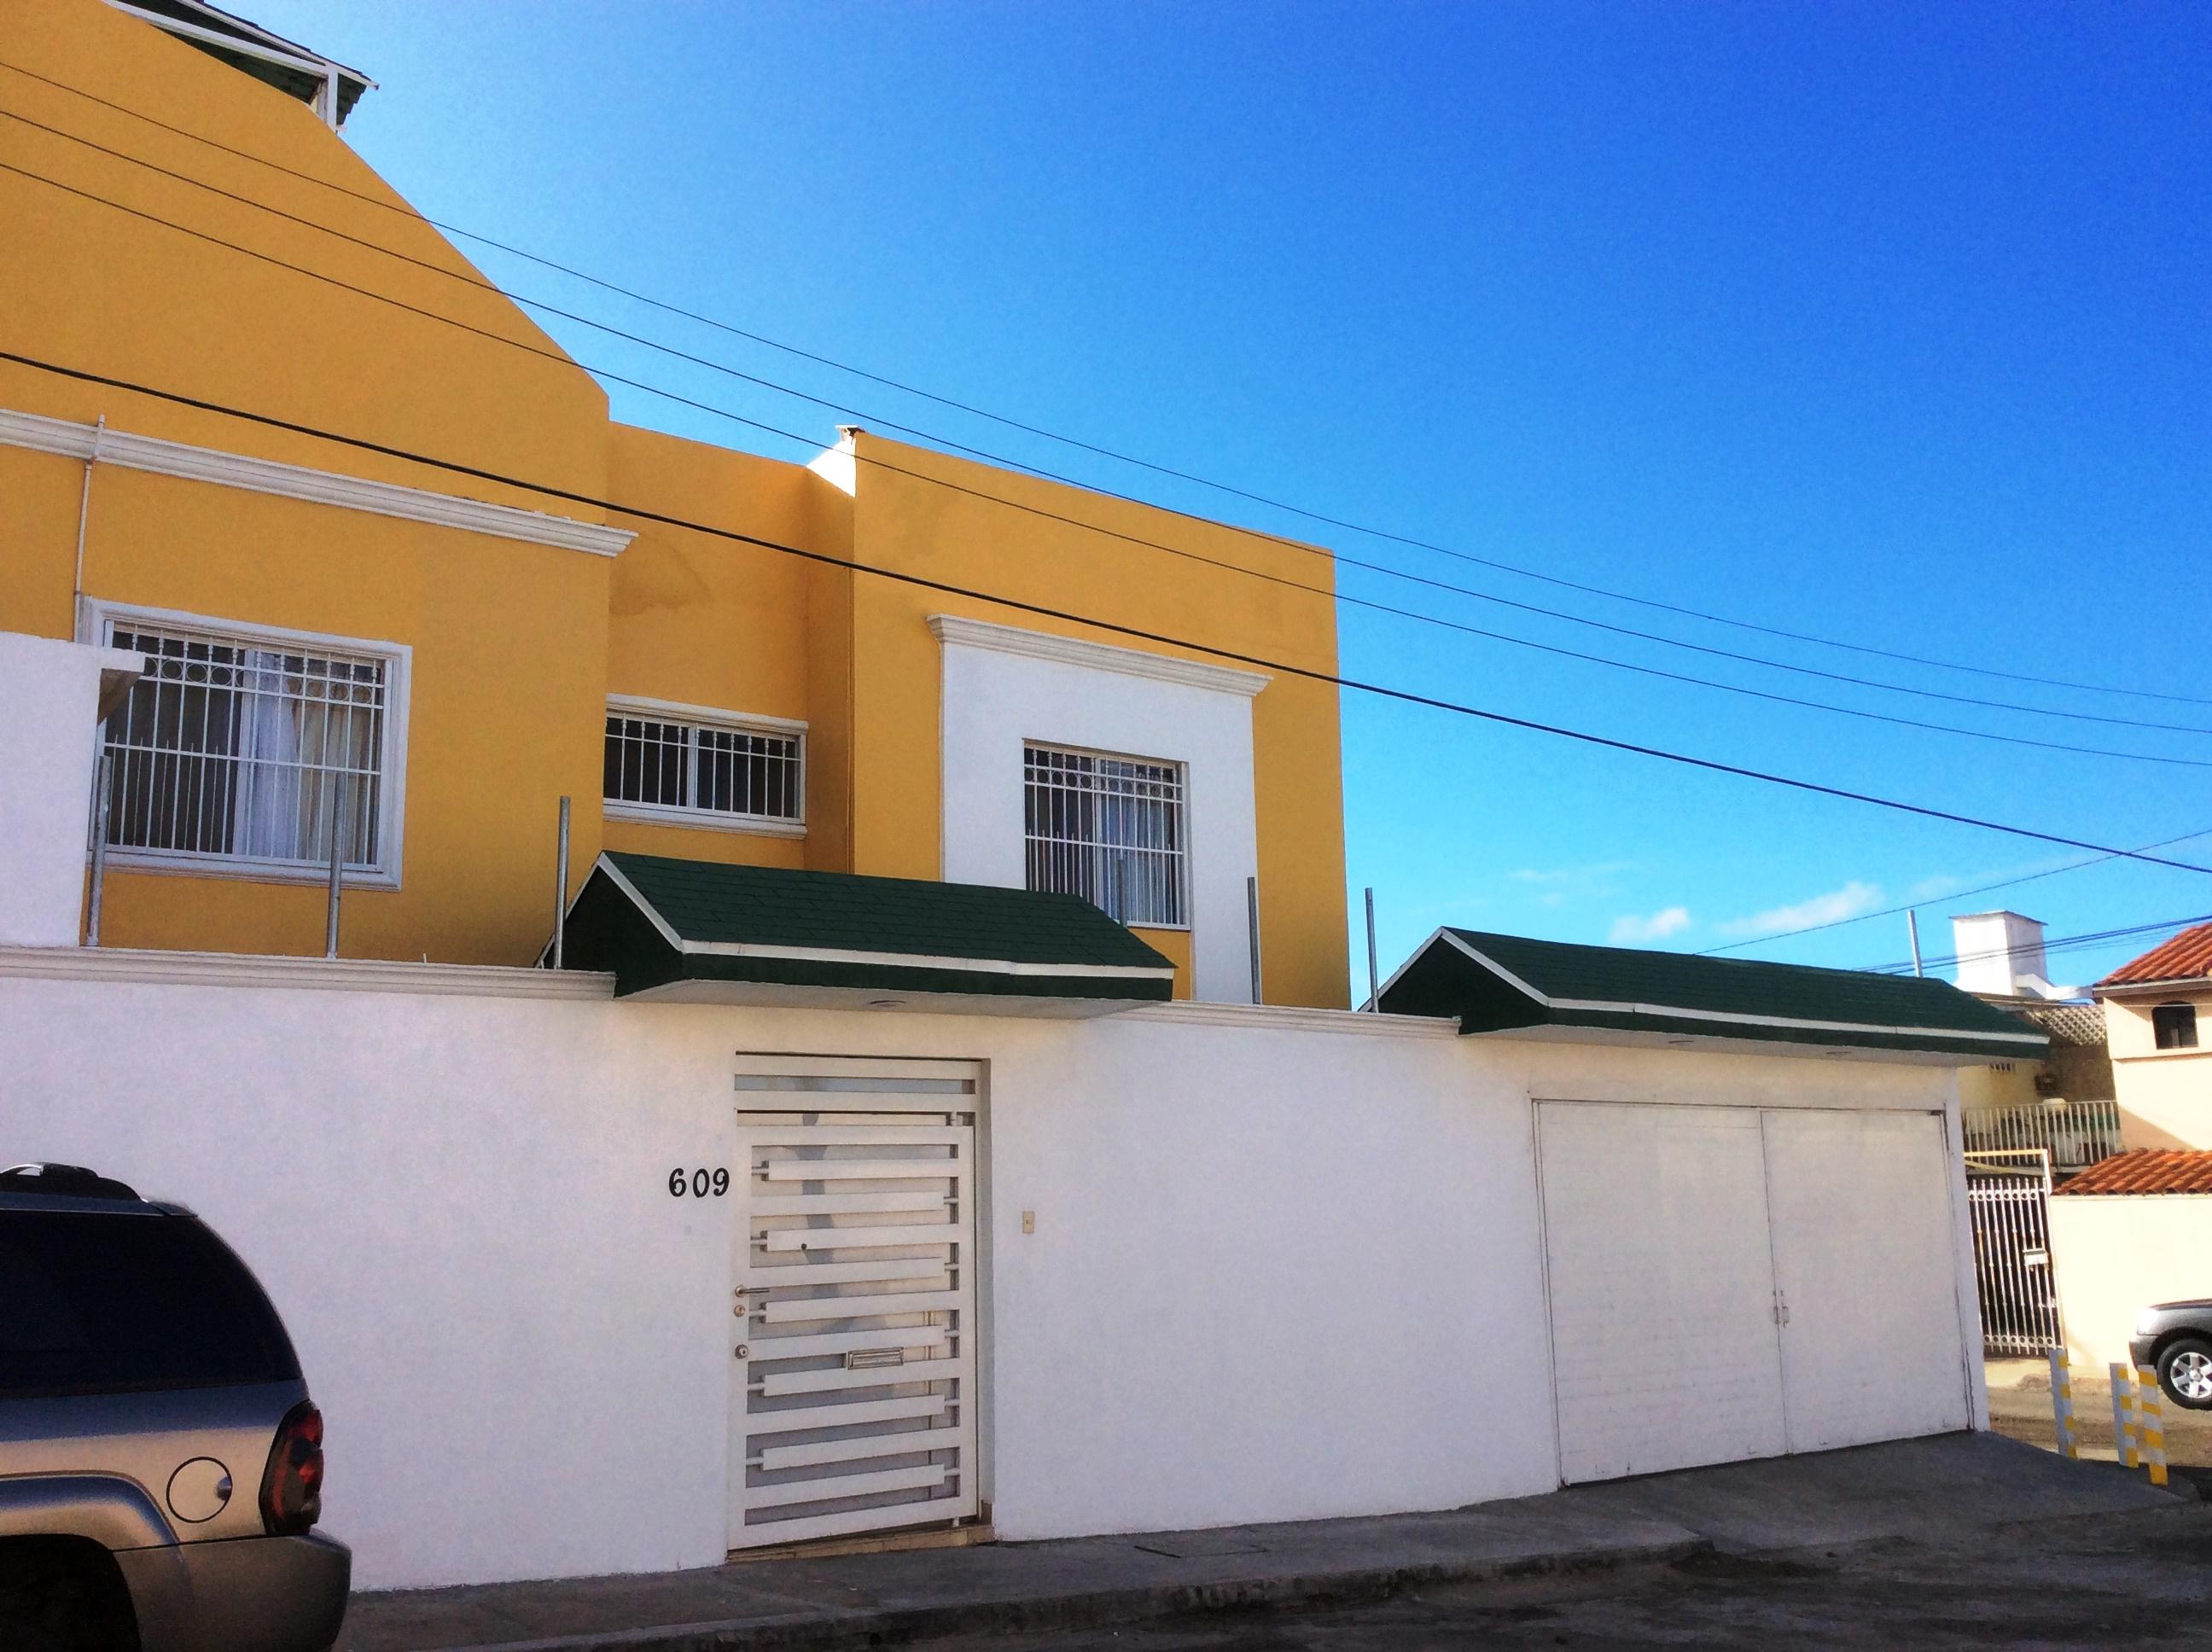 Casas En Venta En Playas De Tijuana Tijuana Inmuebles Playas De